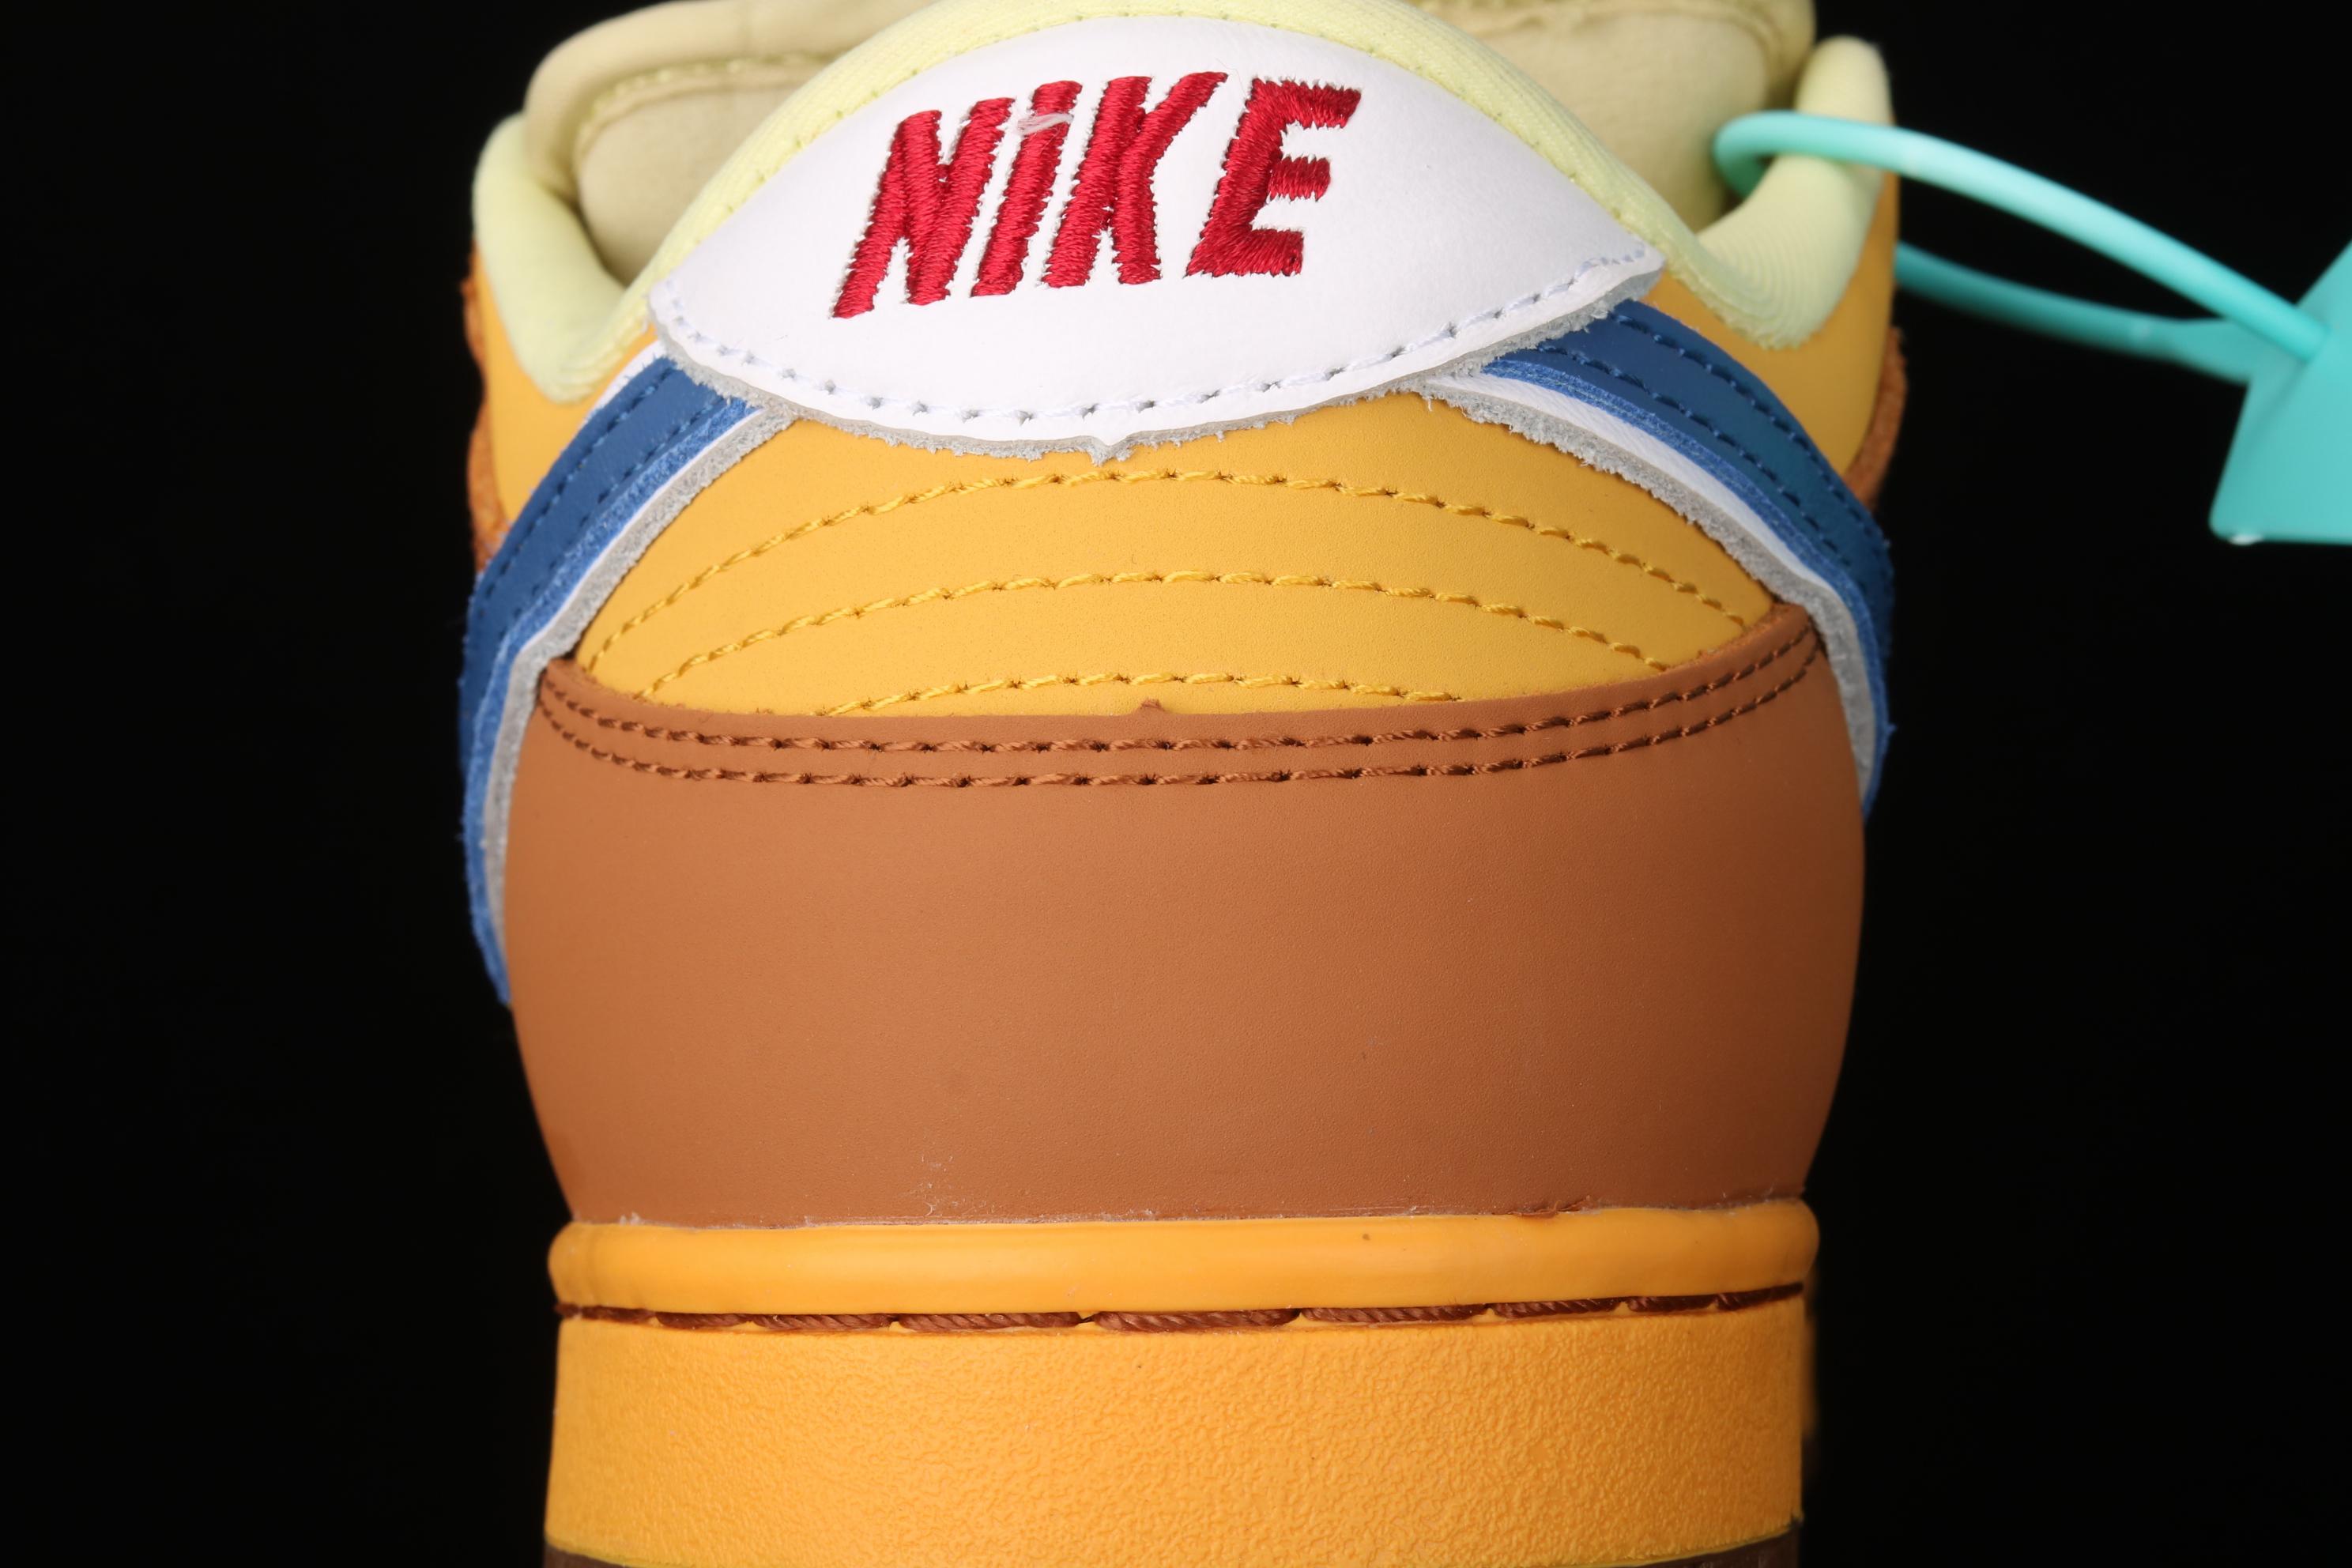 """J版 Nike Dunk Low Newcastle Brown AleTS上脚同款 """"黄啤""""超配色 纽斯卡尔 低帮滑板鞋 313170-741"""